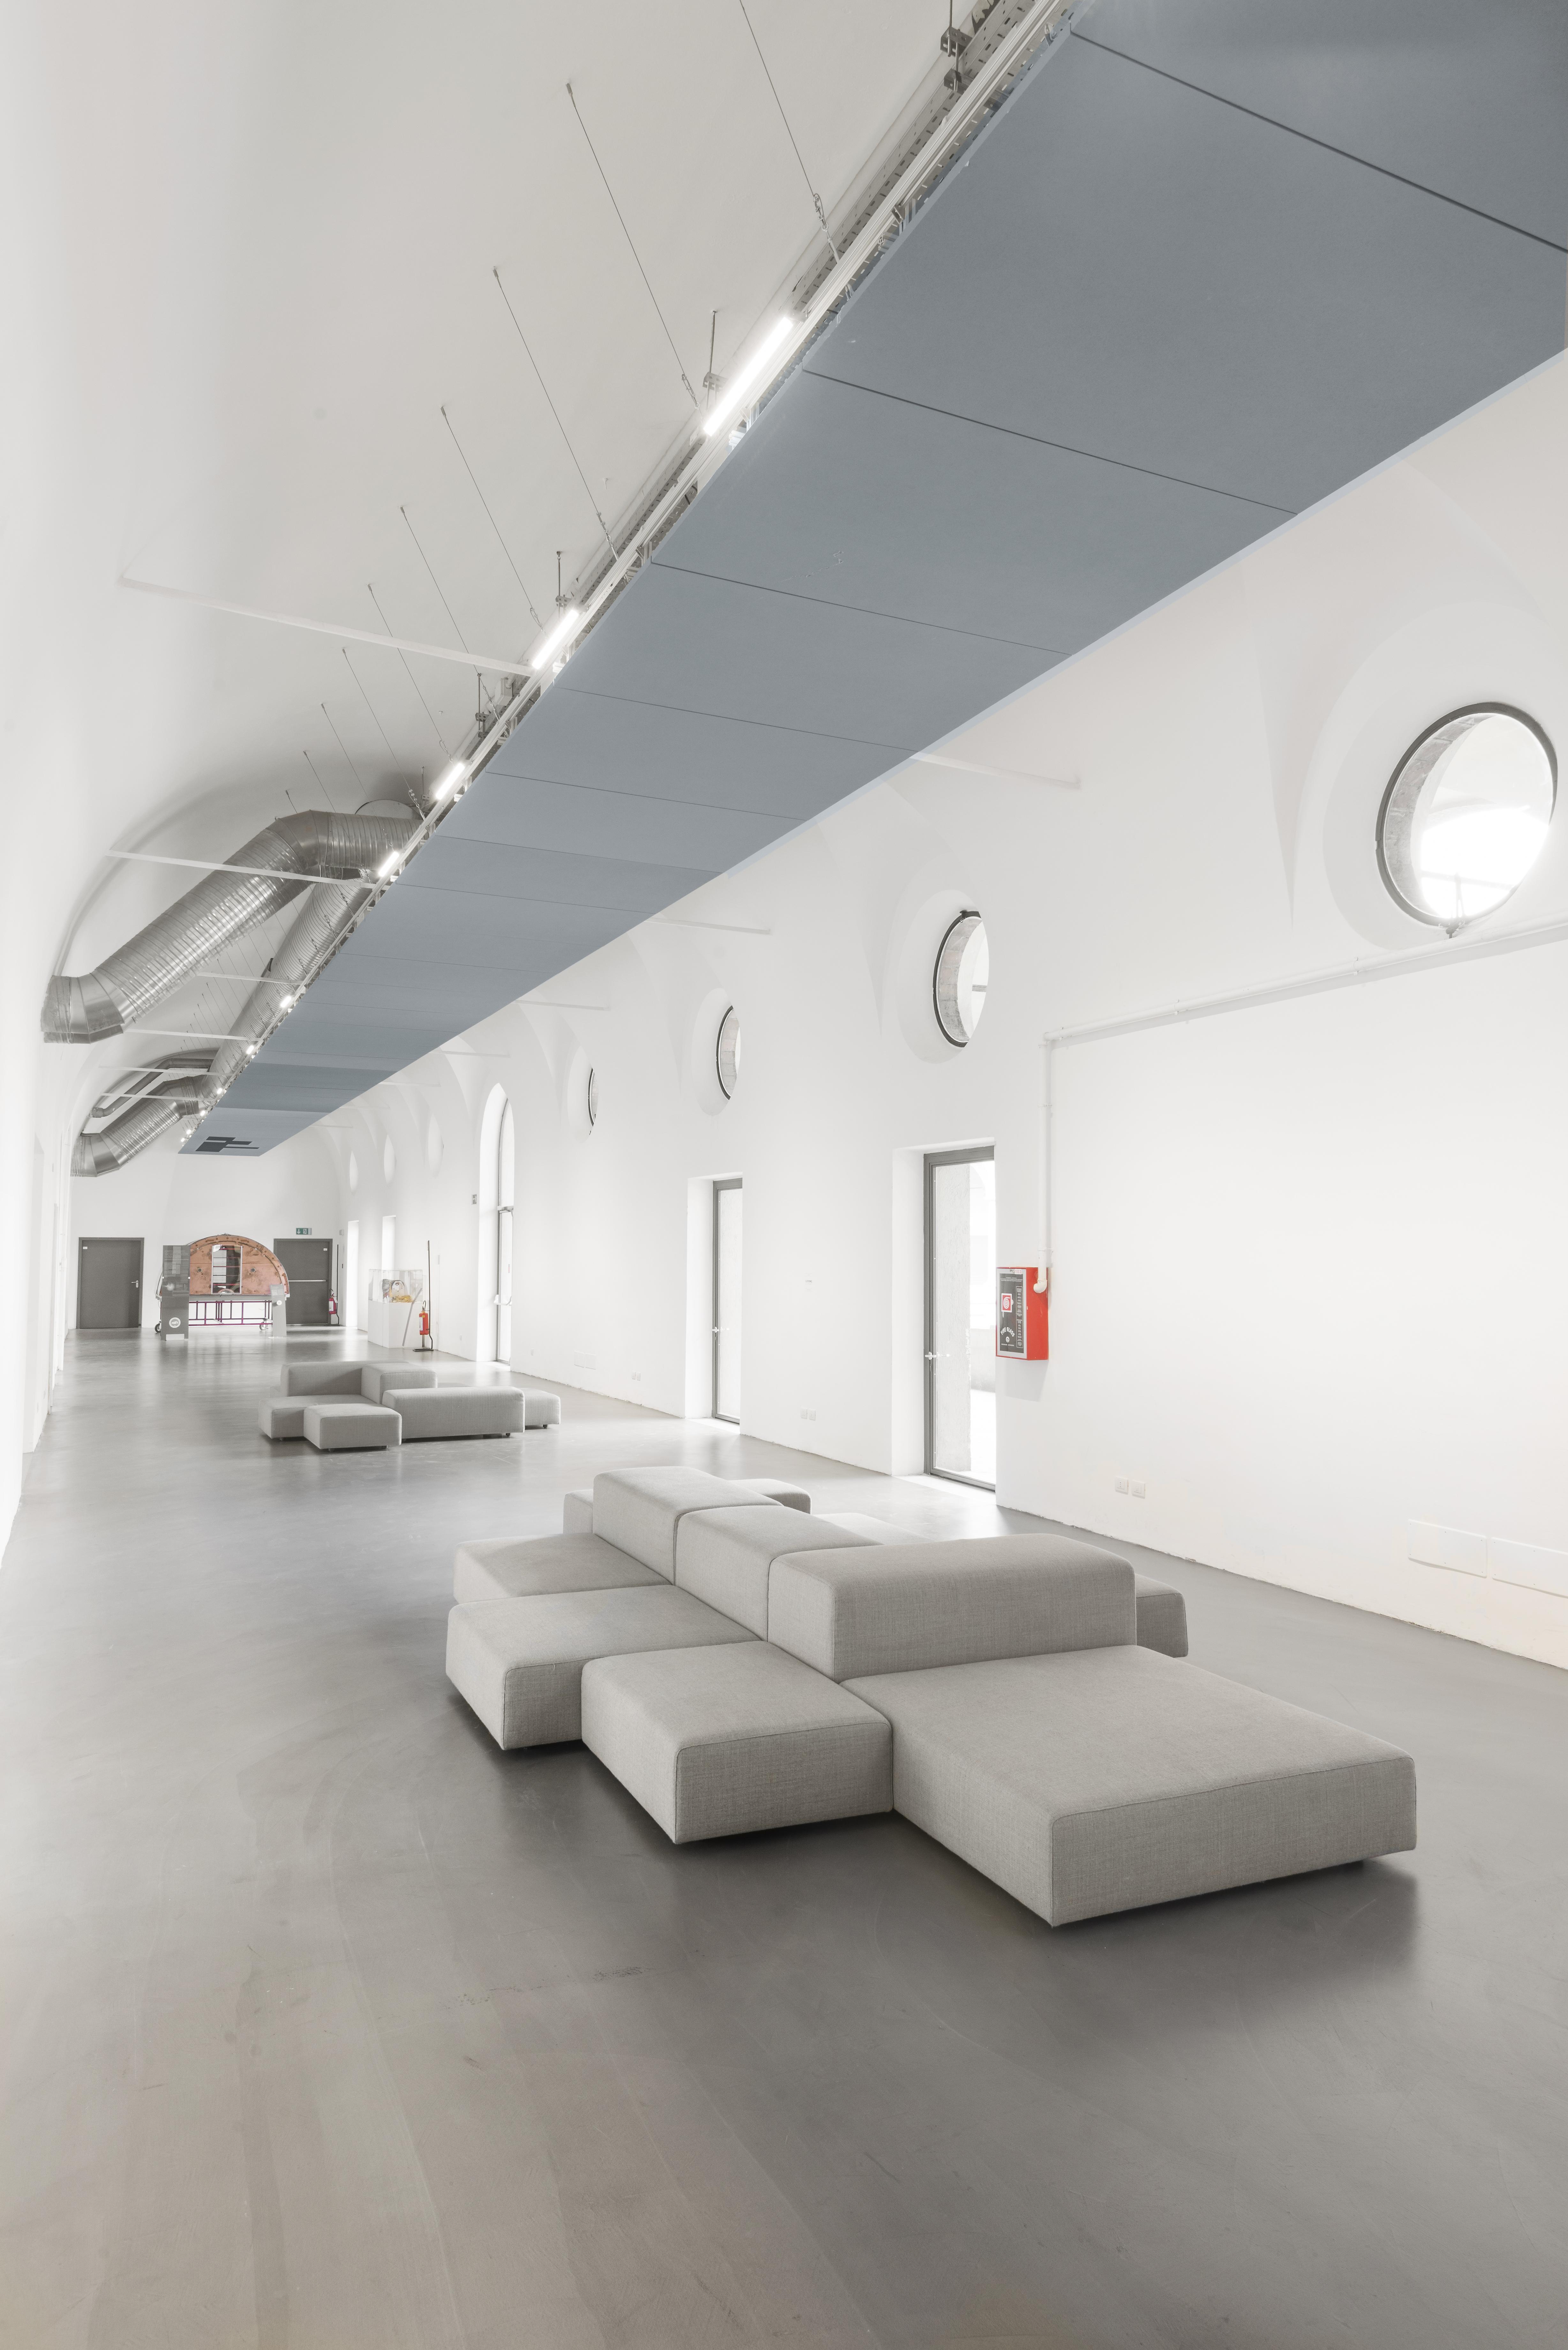 Livingdivani museo scienza tecnica 162